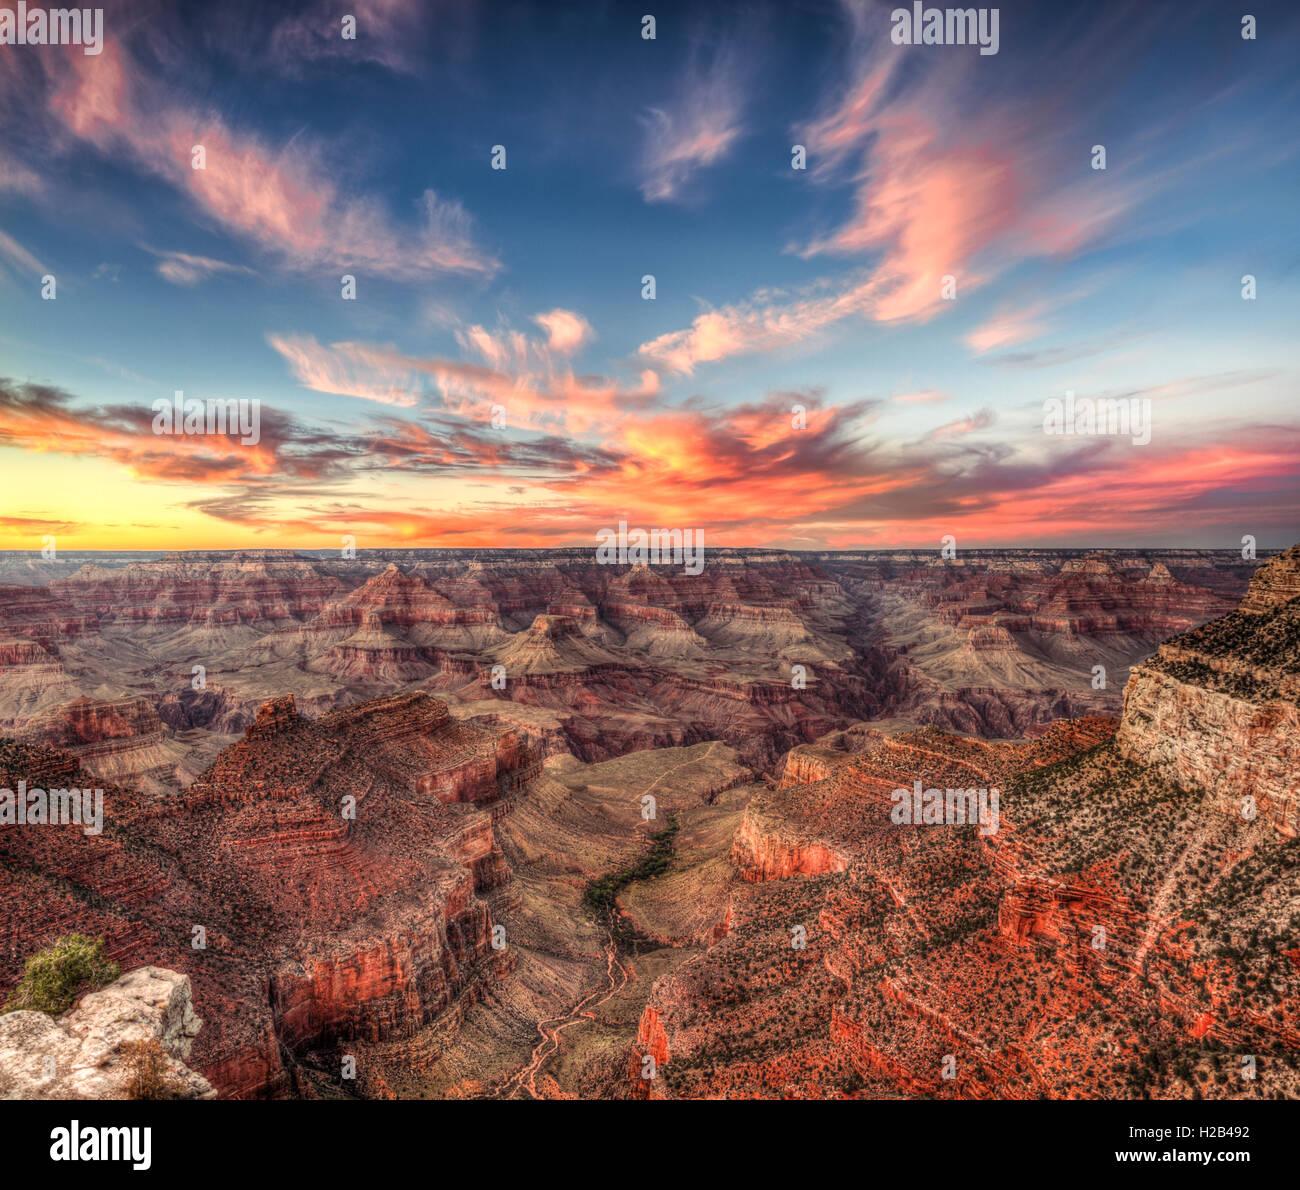 Tramonto sul Grand Canyon, il Parco Nazionale del Grand Canyon, South Rim, Arizona, Stati Uniti d'America Immagini Stock